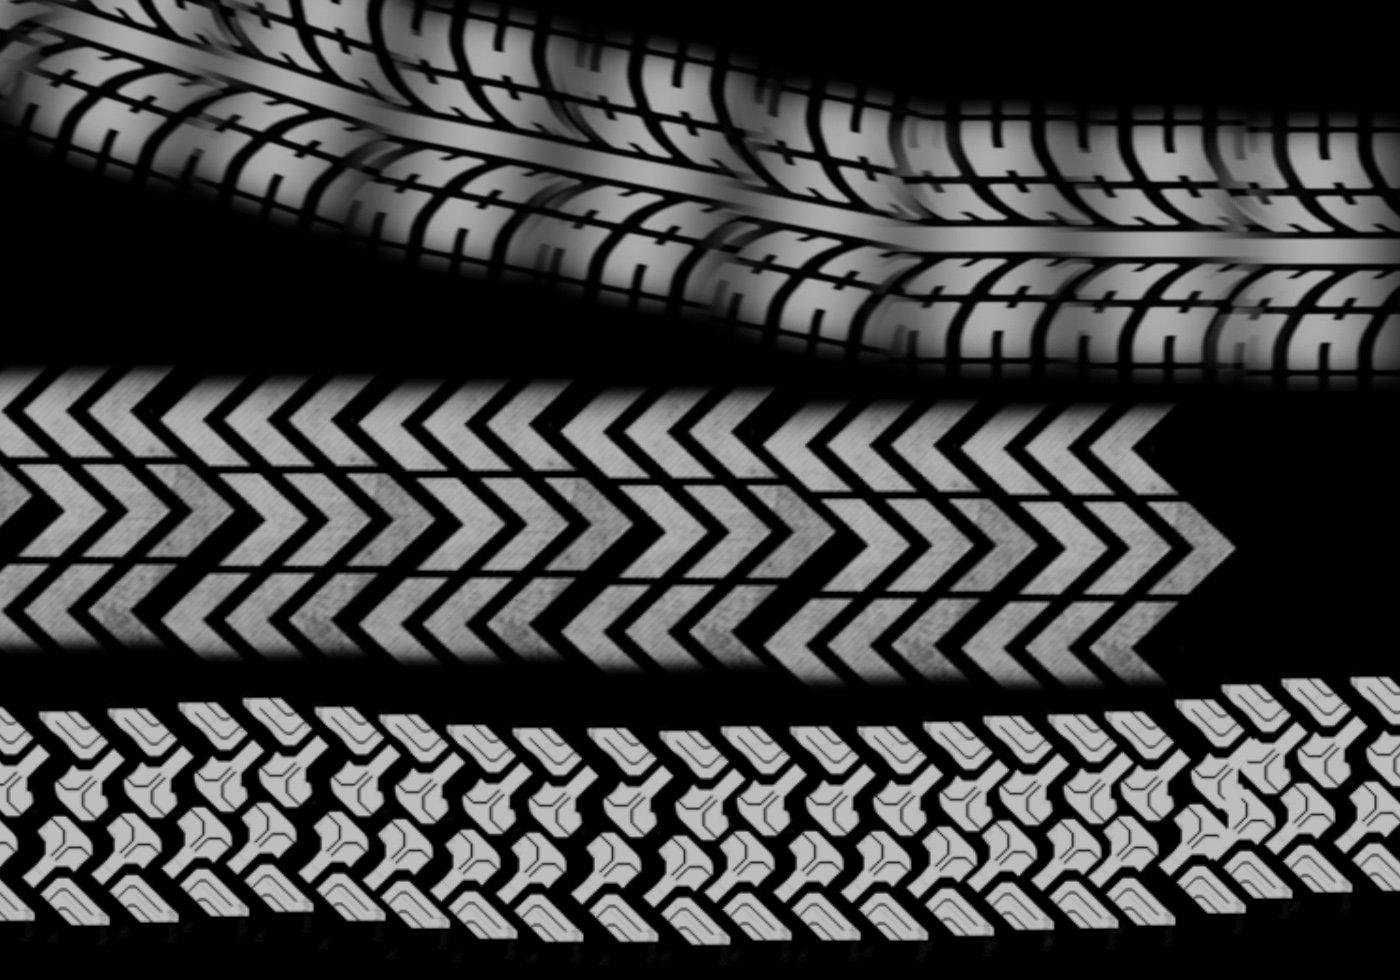 Tyre Track - Free Photoshop Brushes at Brusheezy!